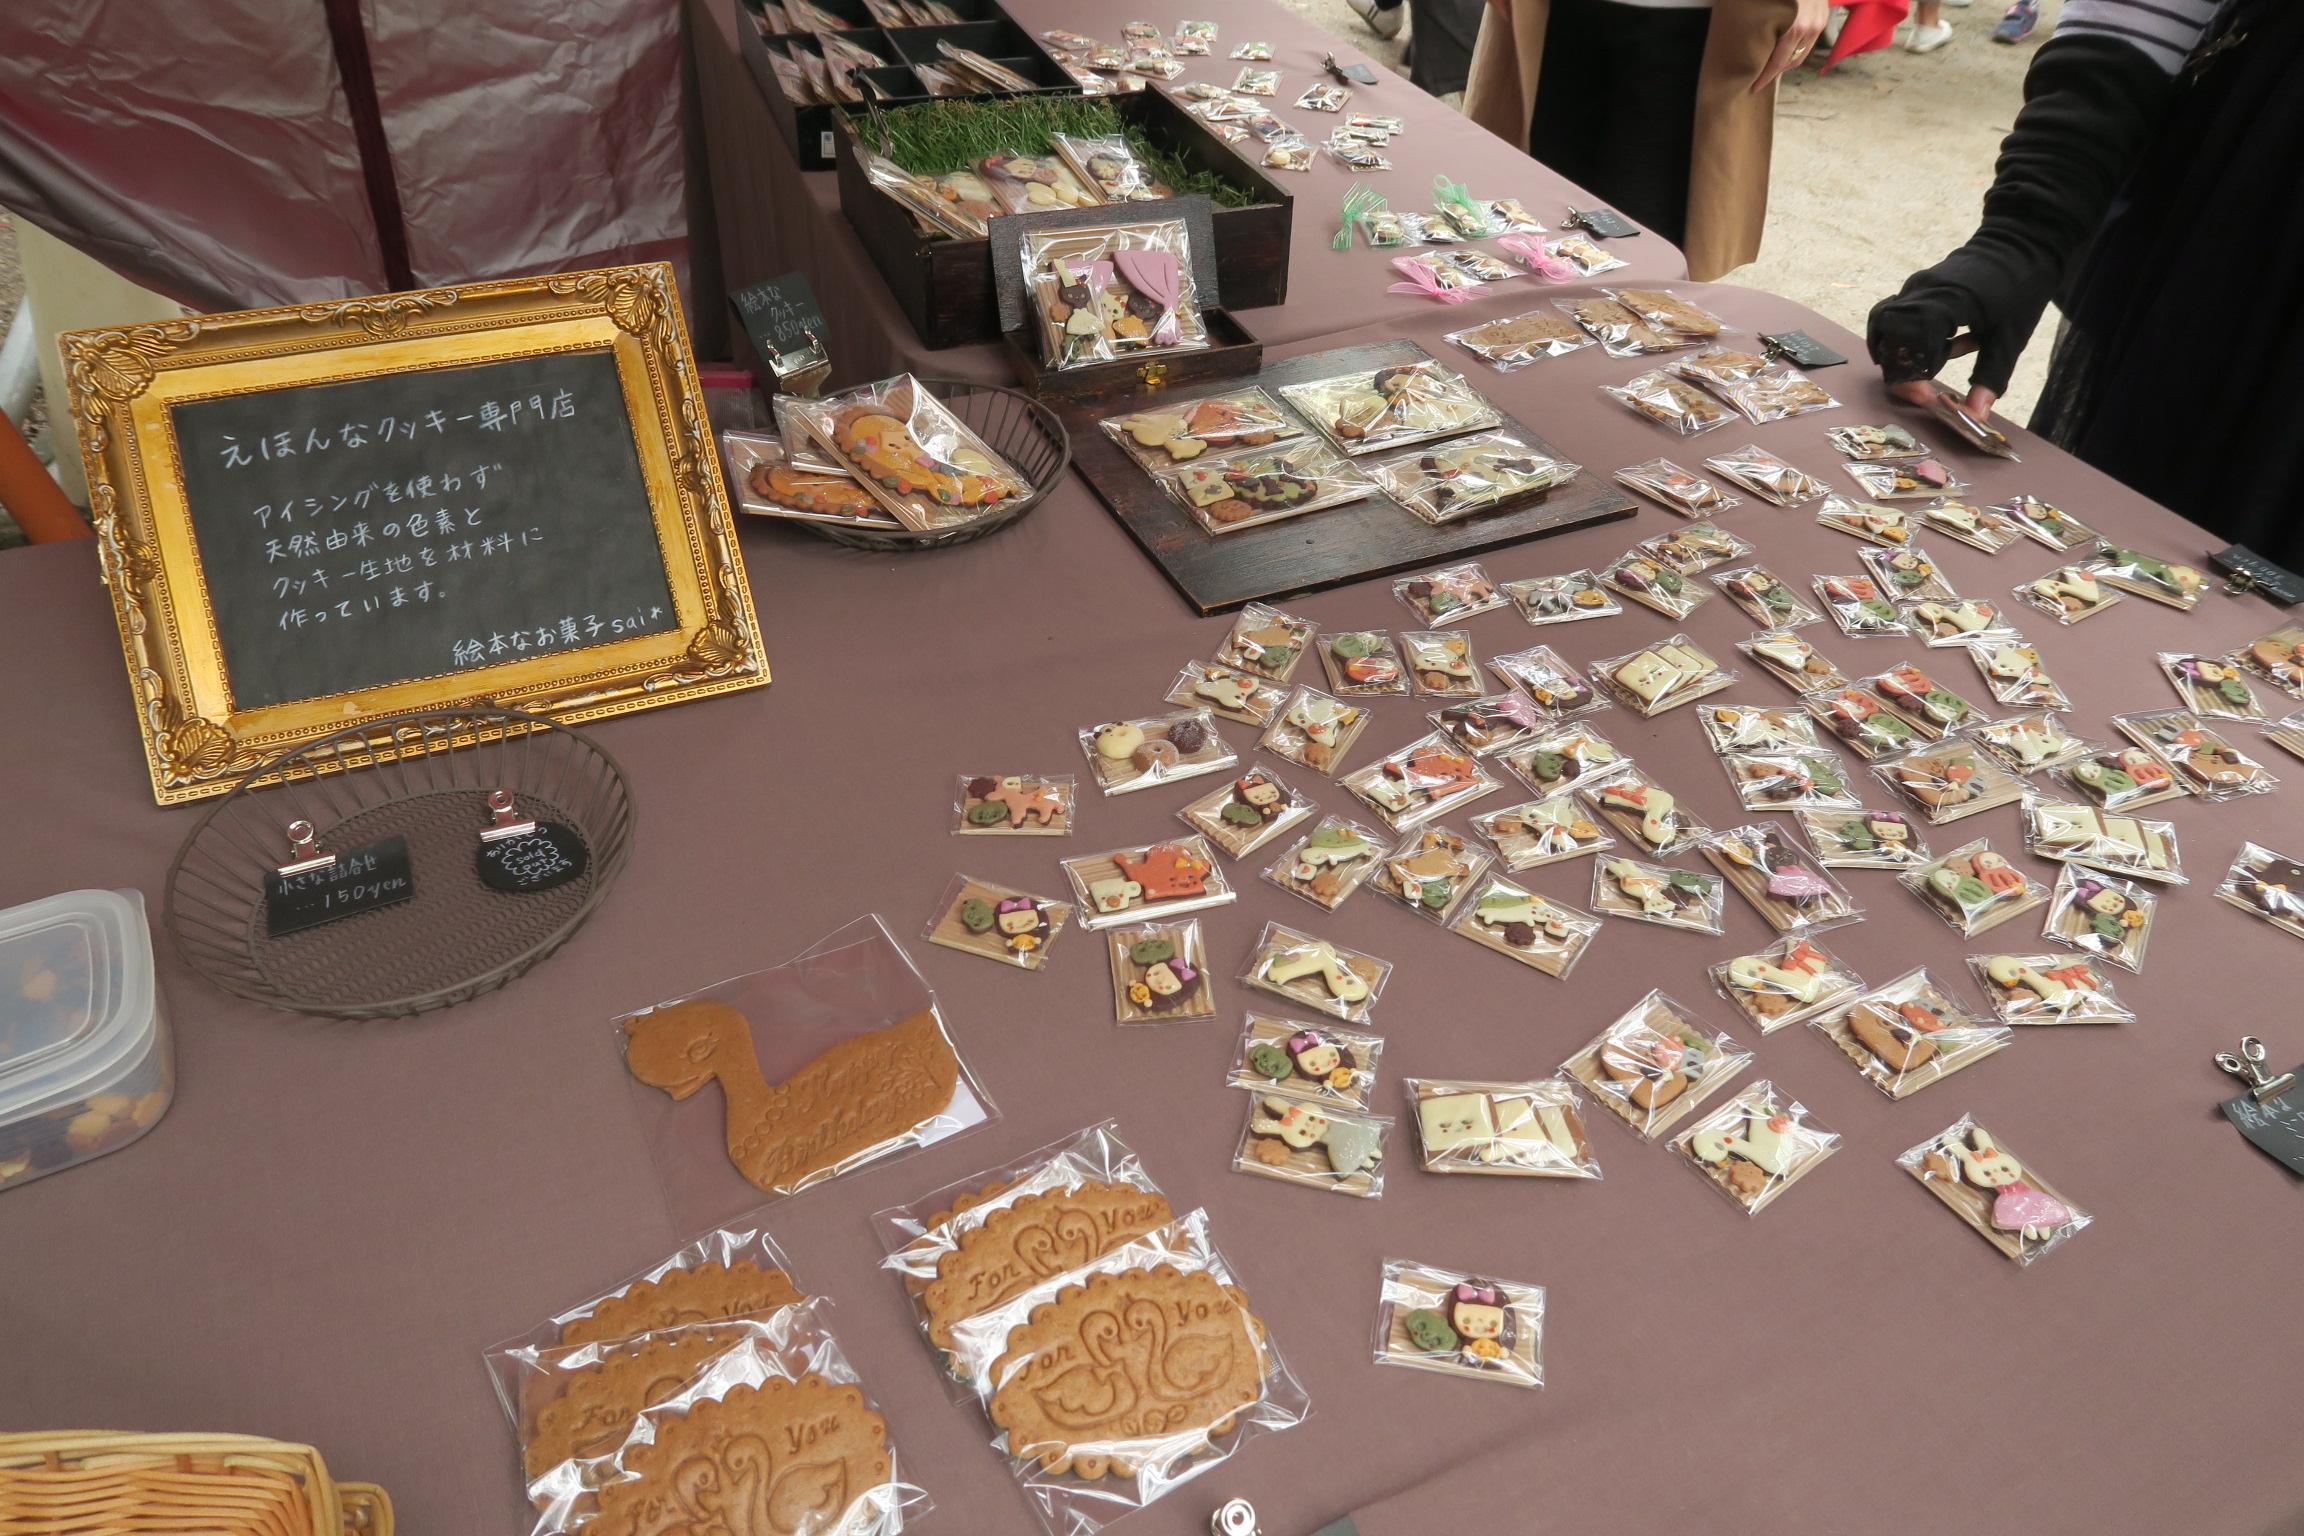 天然由来の色素とクッキー生地を材料に作っている「クッキー専門店」。